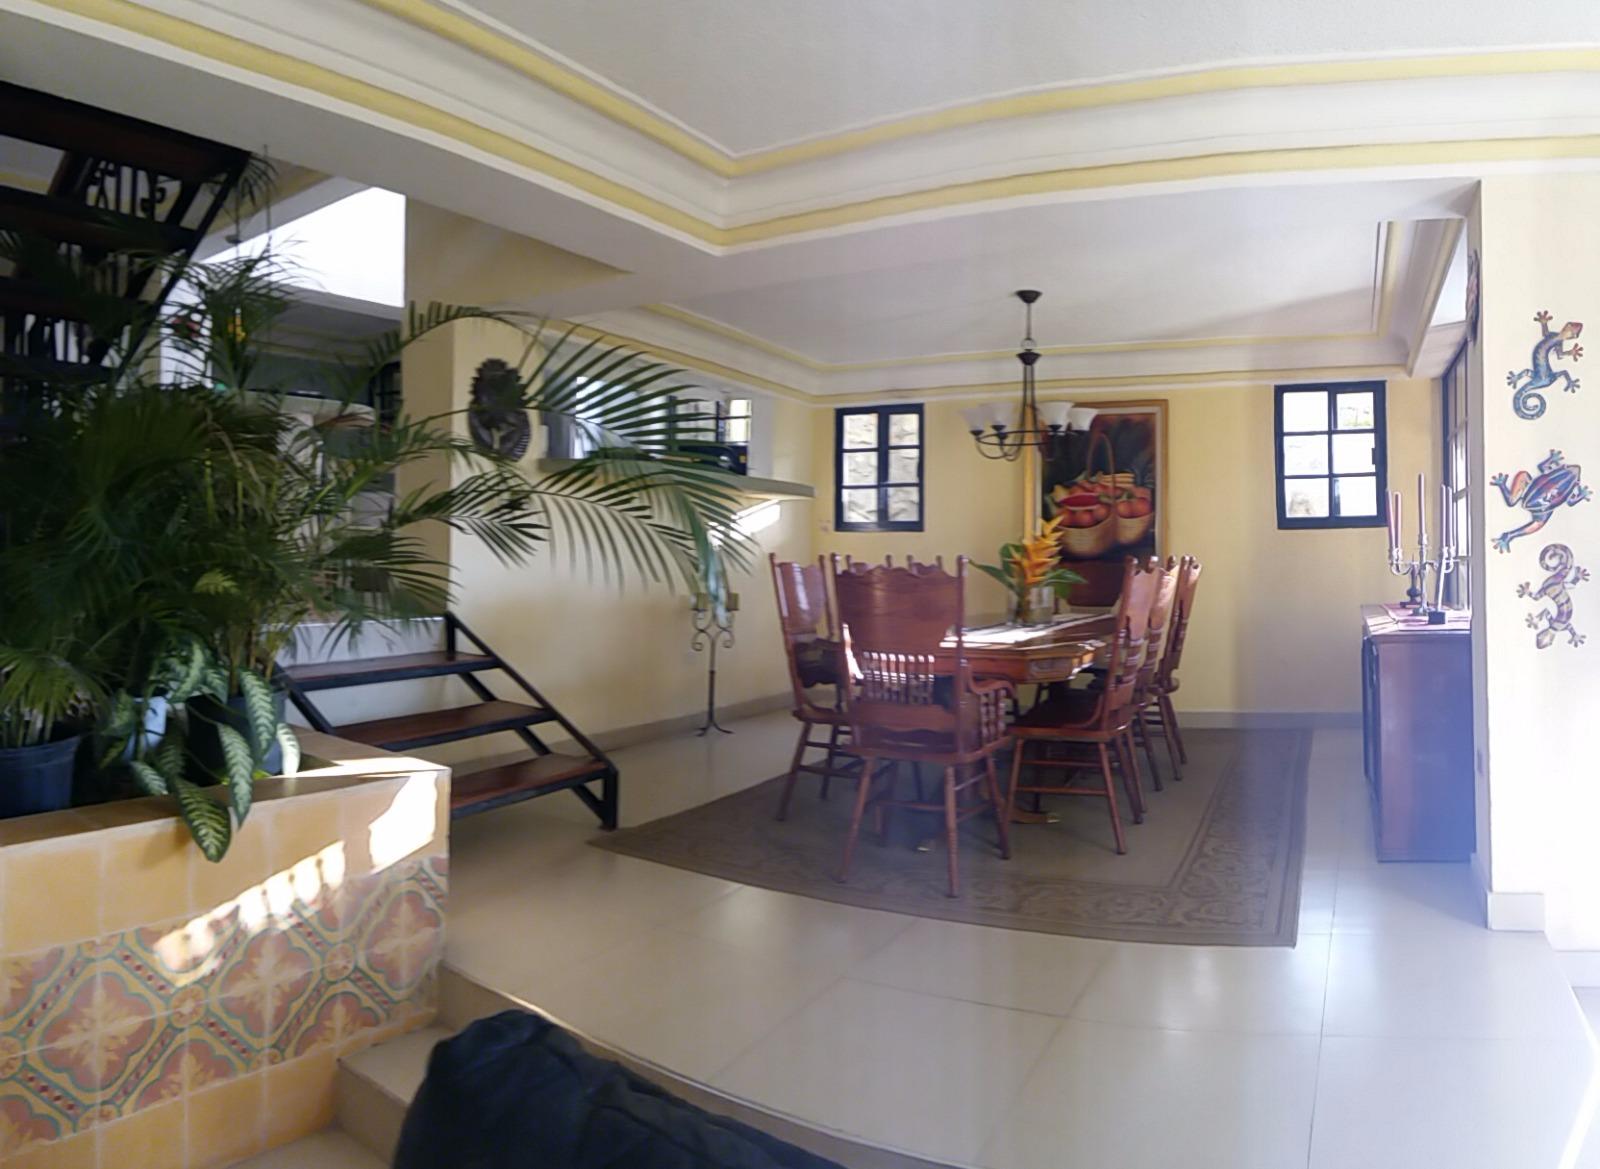 Furnished Apartt For Rent in Juvenat, Petio-Ville, Haiti